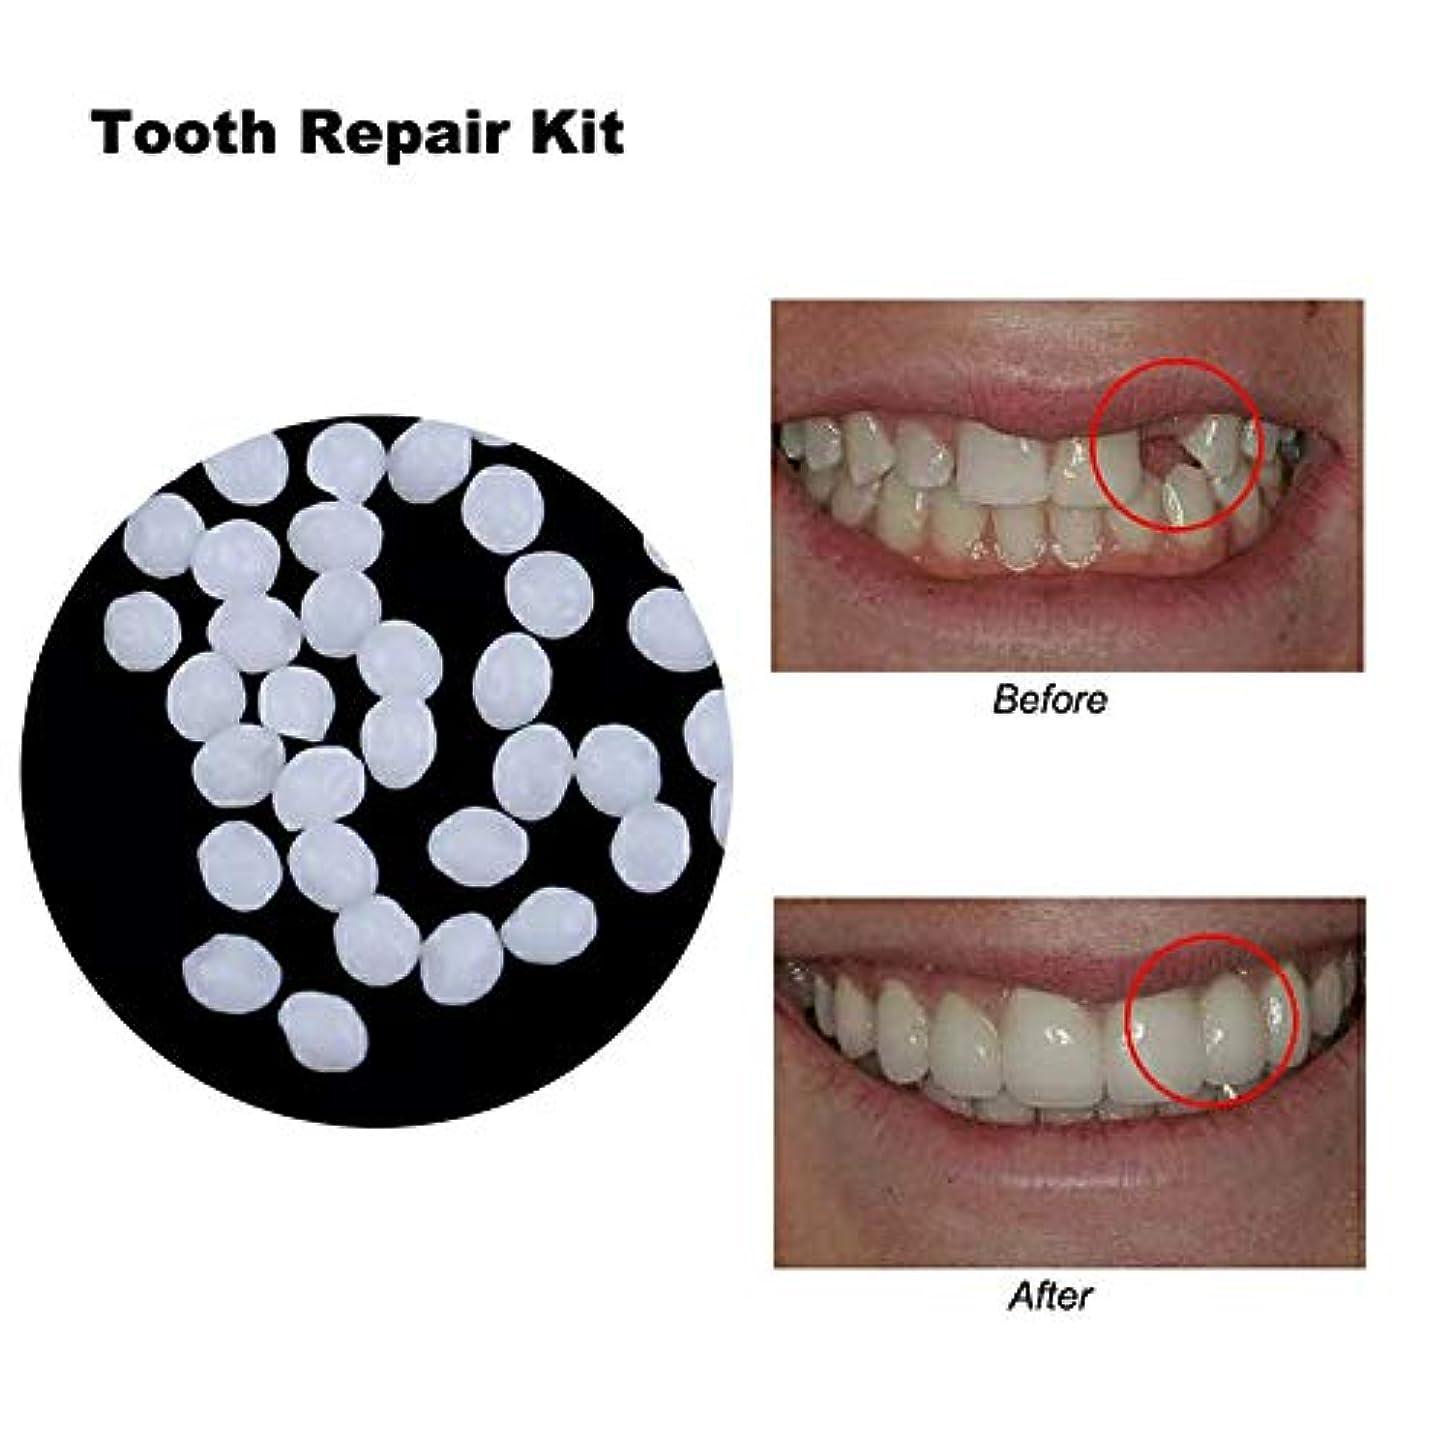 成功するマットレスオート偽歯固体接着剤、樹脂の歯とギャップのための一時的な化粧品の歯の修復キットクリエイティブ義歯接着剤,10ml14g